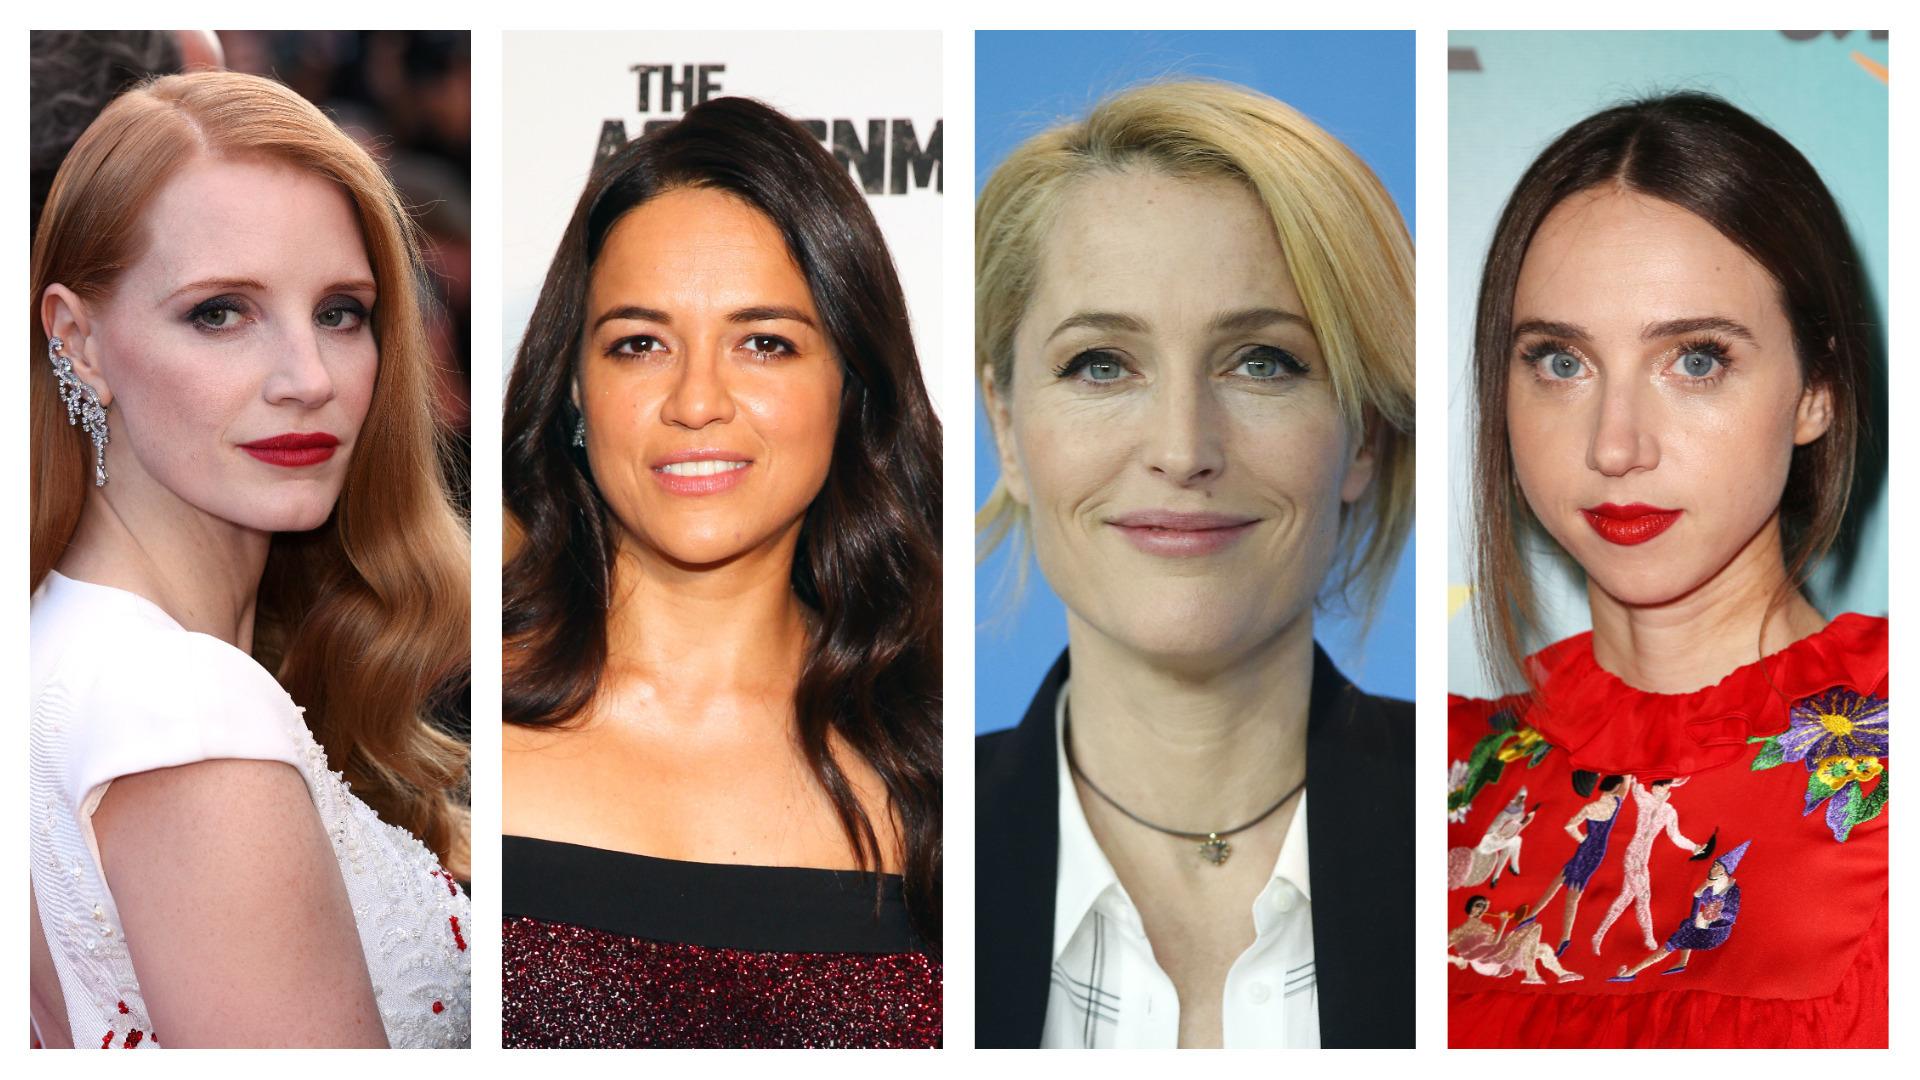 FemaleAgent Vorzeitige Probleme beim Casting